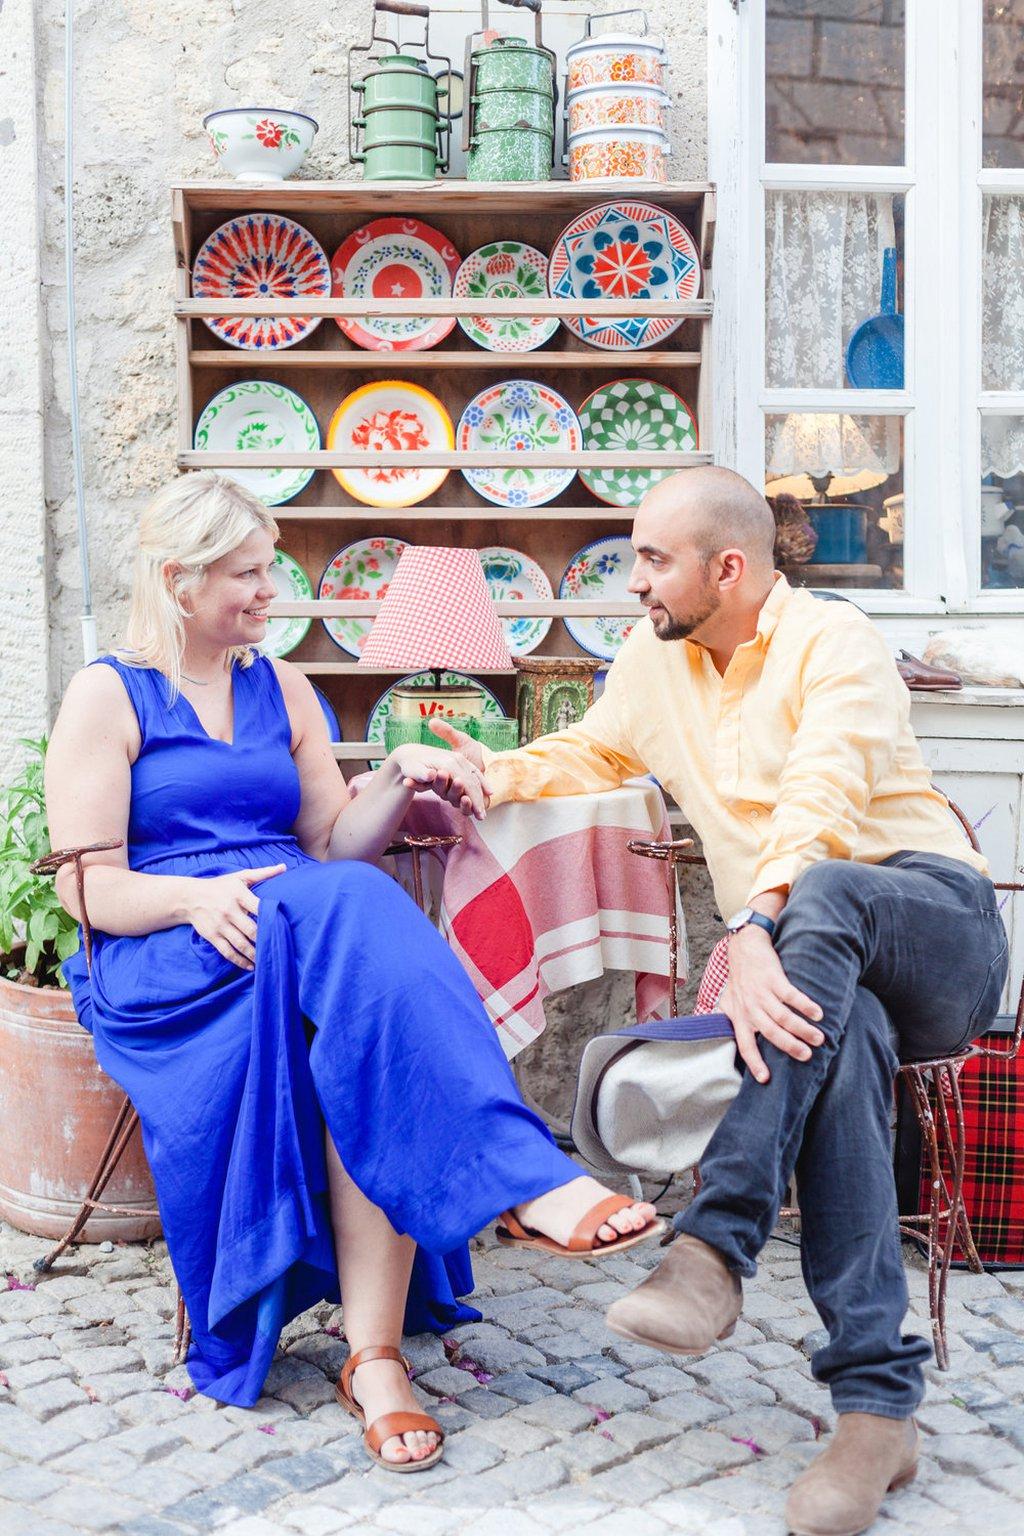 Murat S's Portfolio - Image 4